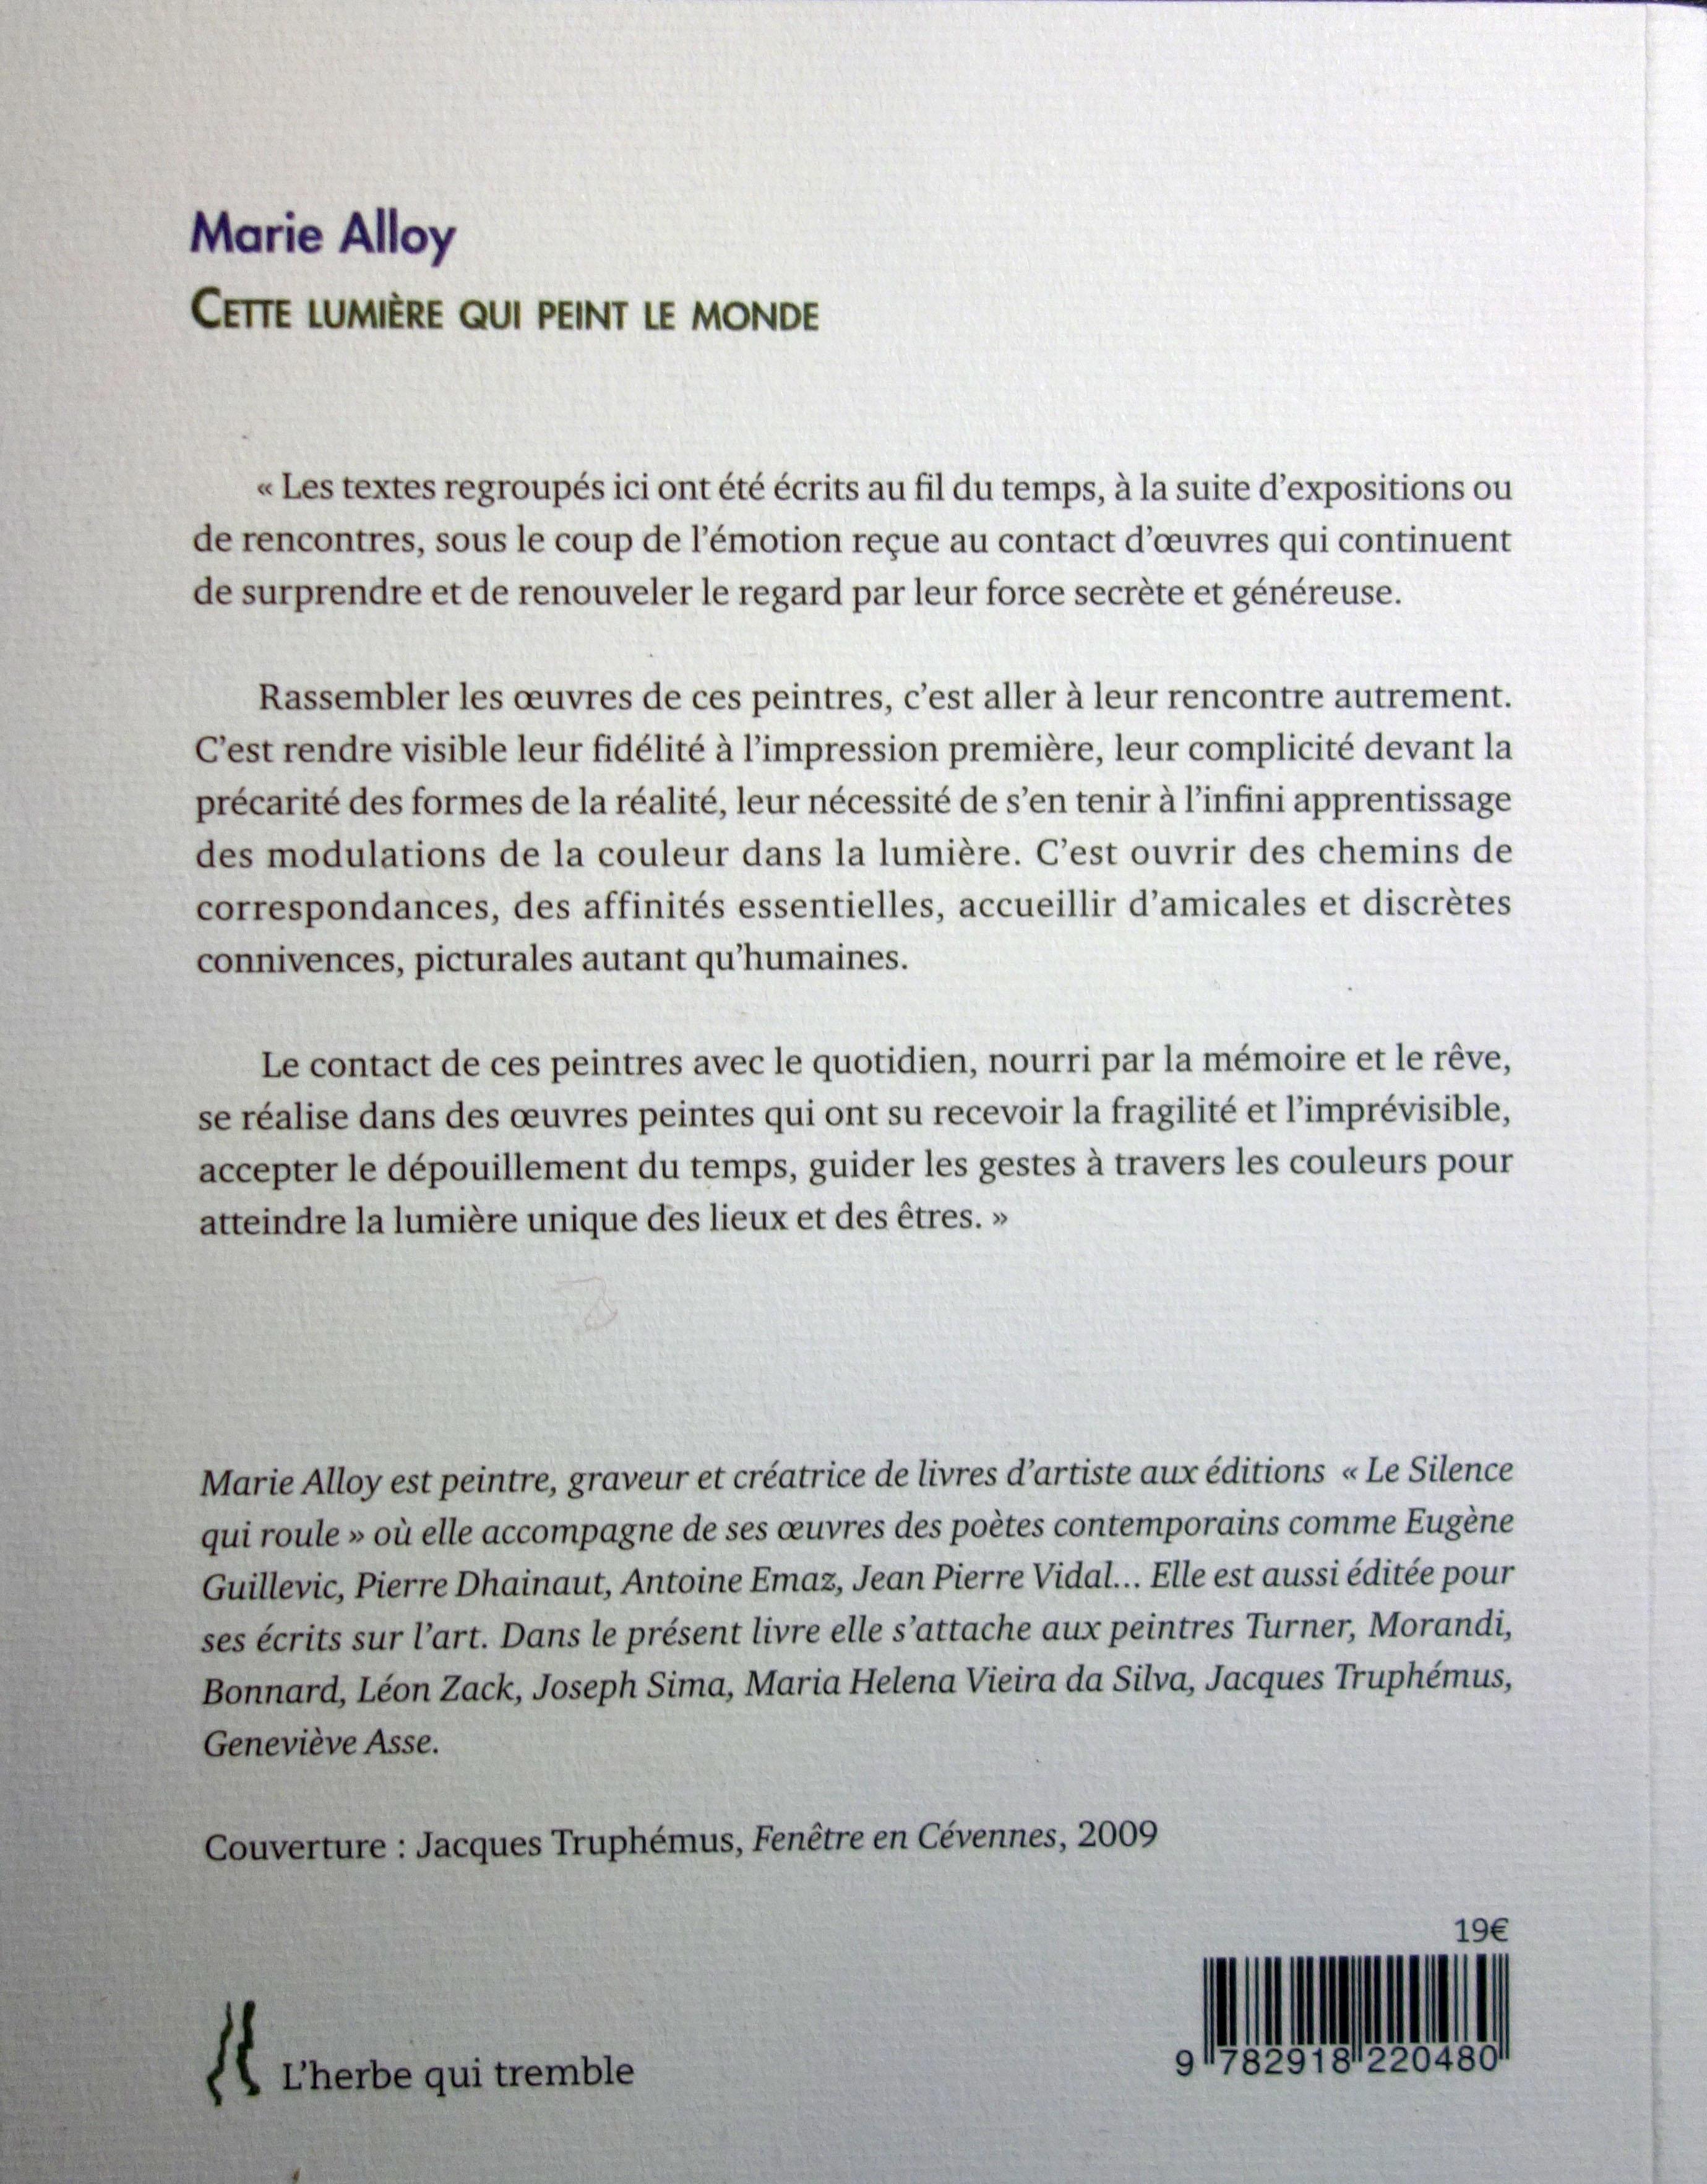 Archives Des Morandi Marie Alloy